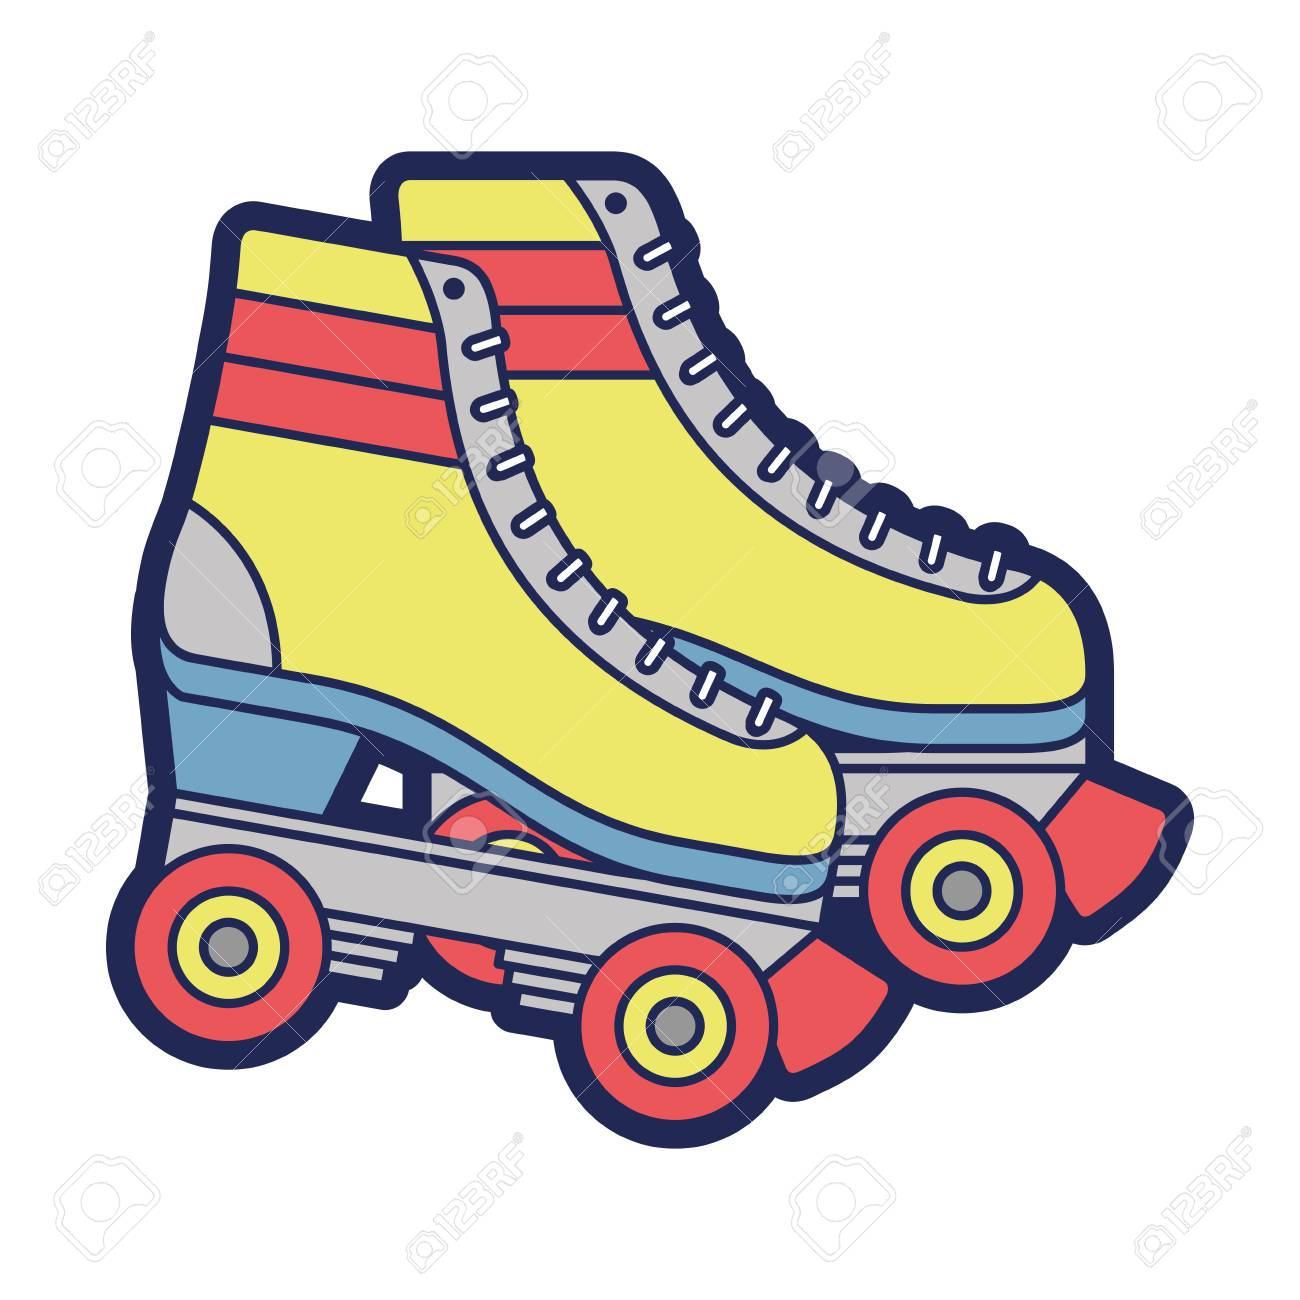 hight resolution of retro roller skates wheels trendy vintage vector illustration stock vector 94432160